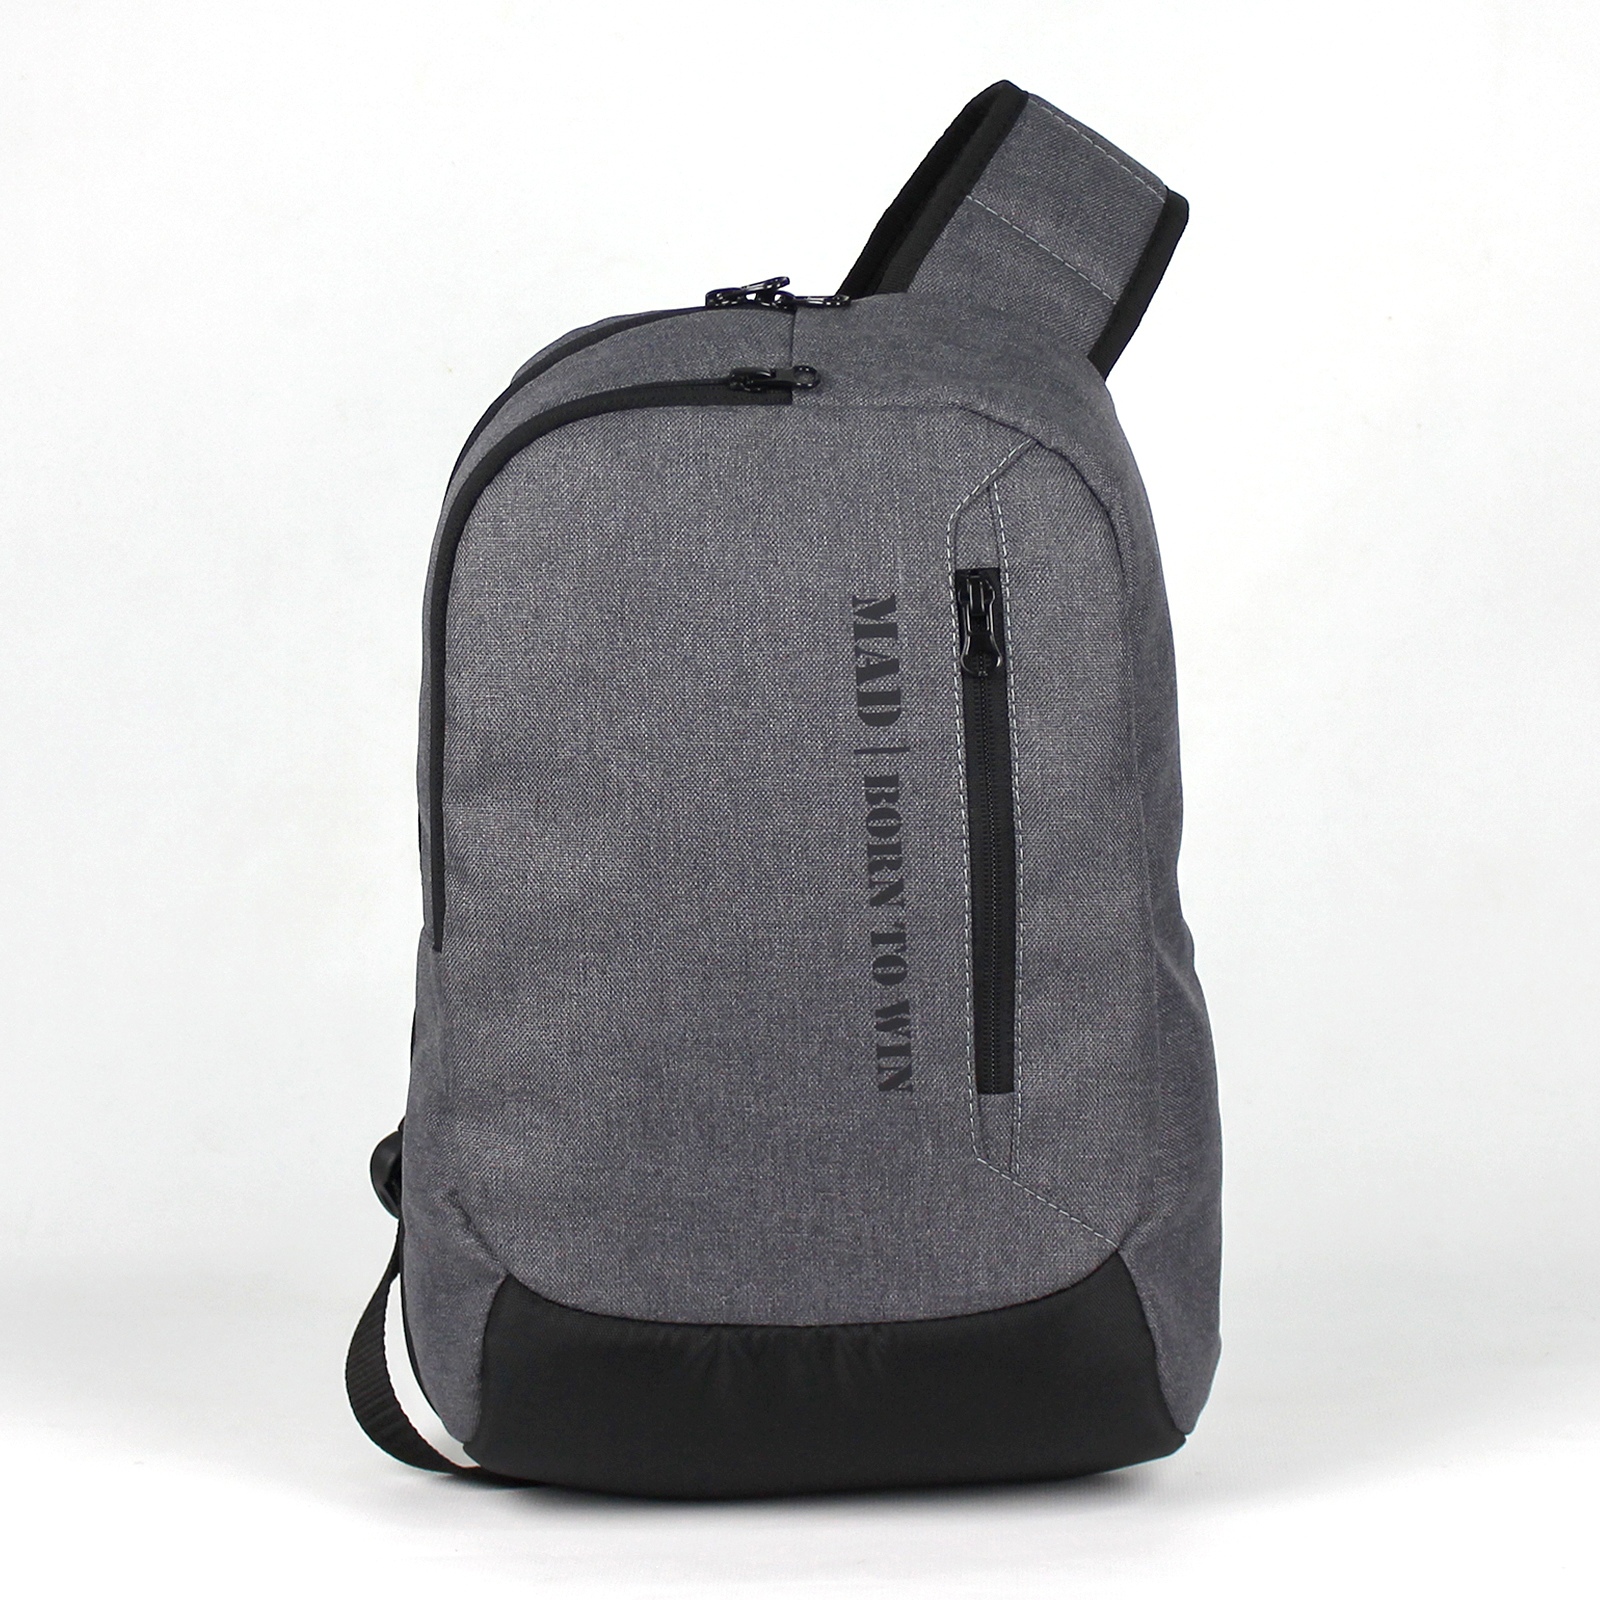 рюкзак слинг, слинг рюкзак,рюкзак на одно плечо,рюкзак слинг купить,рюкзак с одной лямкой